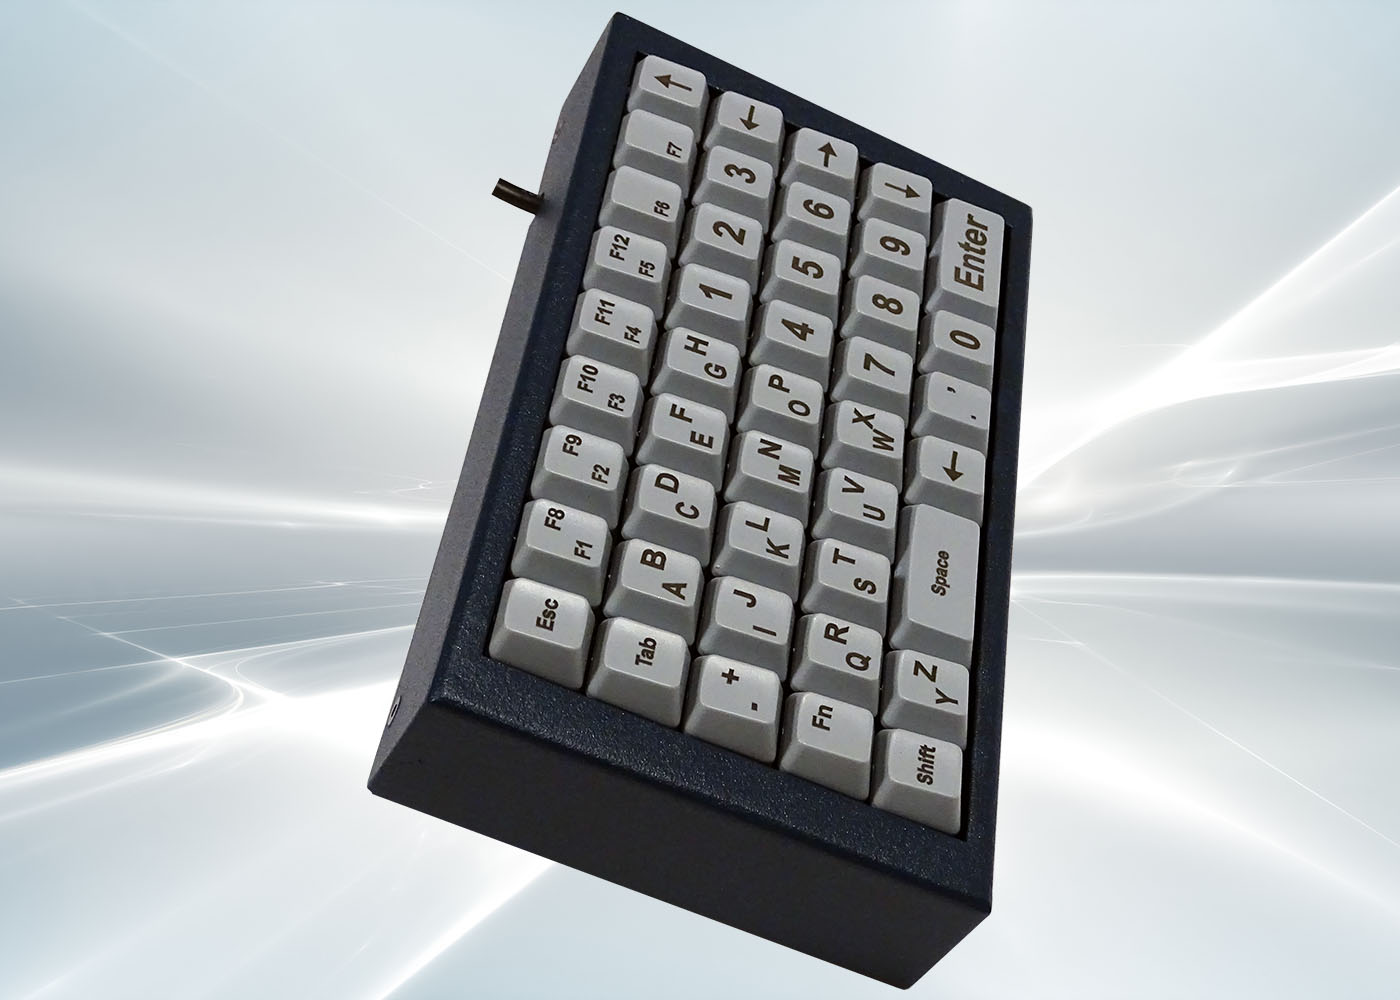 NX518 : clavier industriel compact 43 touches en boitier de table – Profil